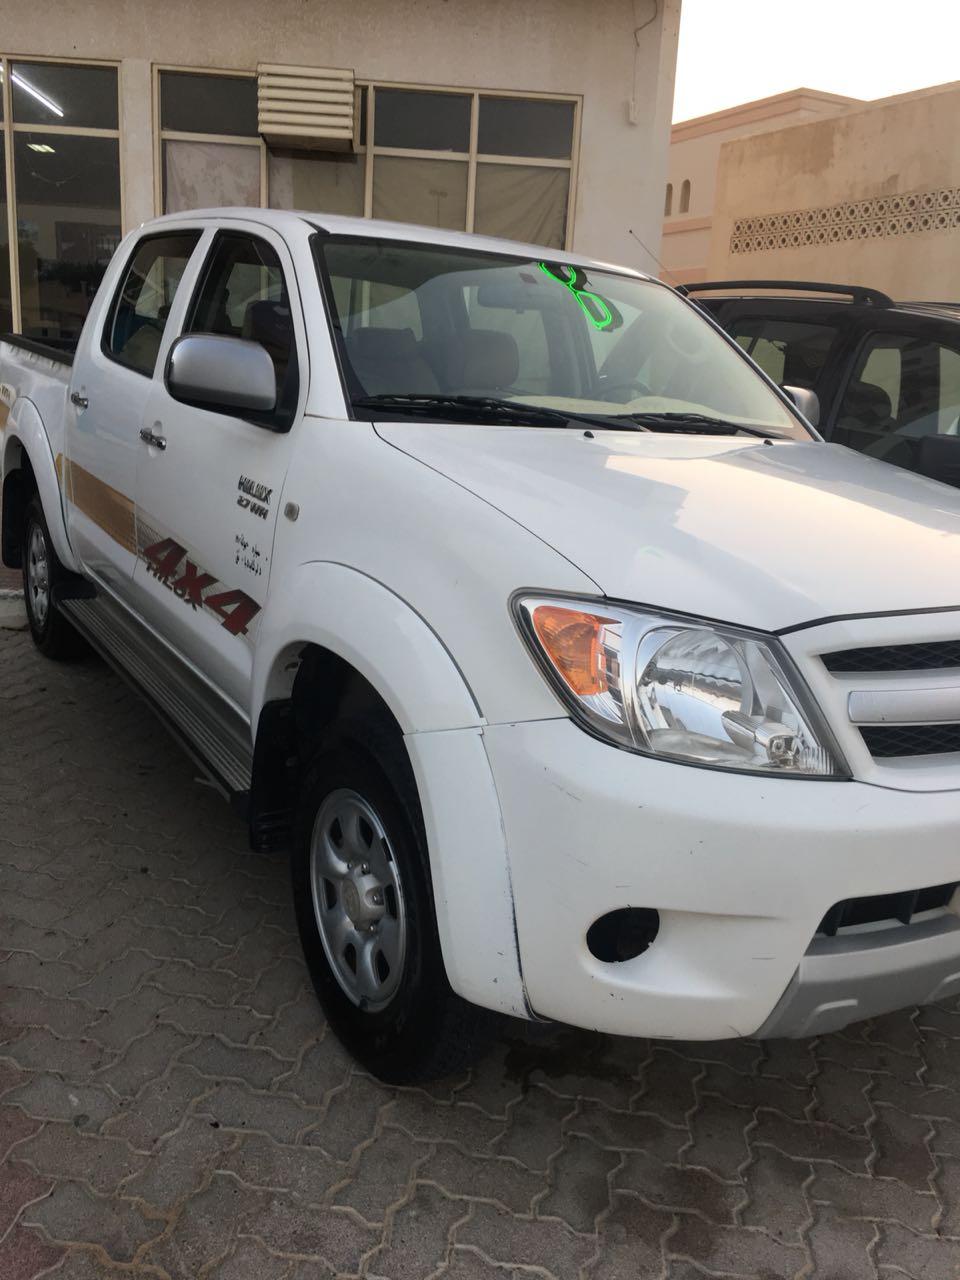 Kelebihan Kekurangan Toyota Hilux 2008 Murah Berkualitas